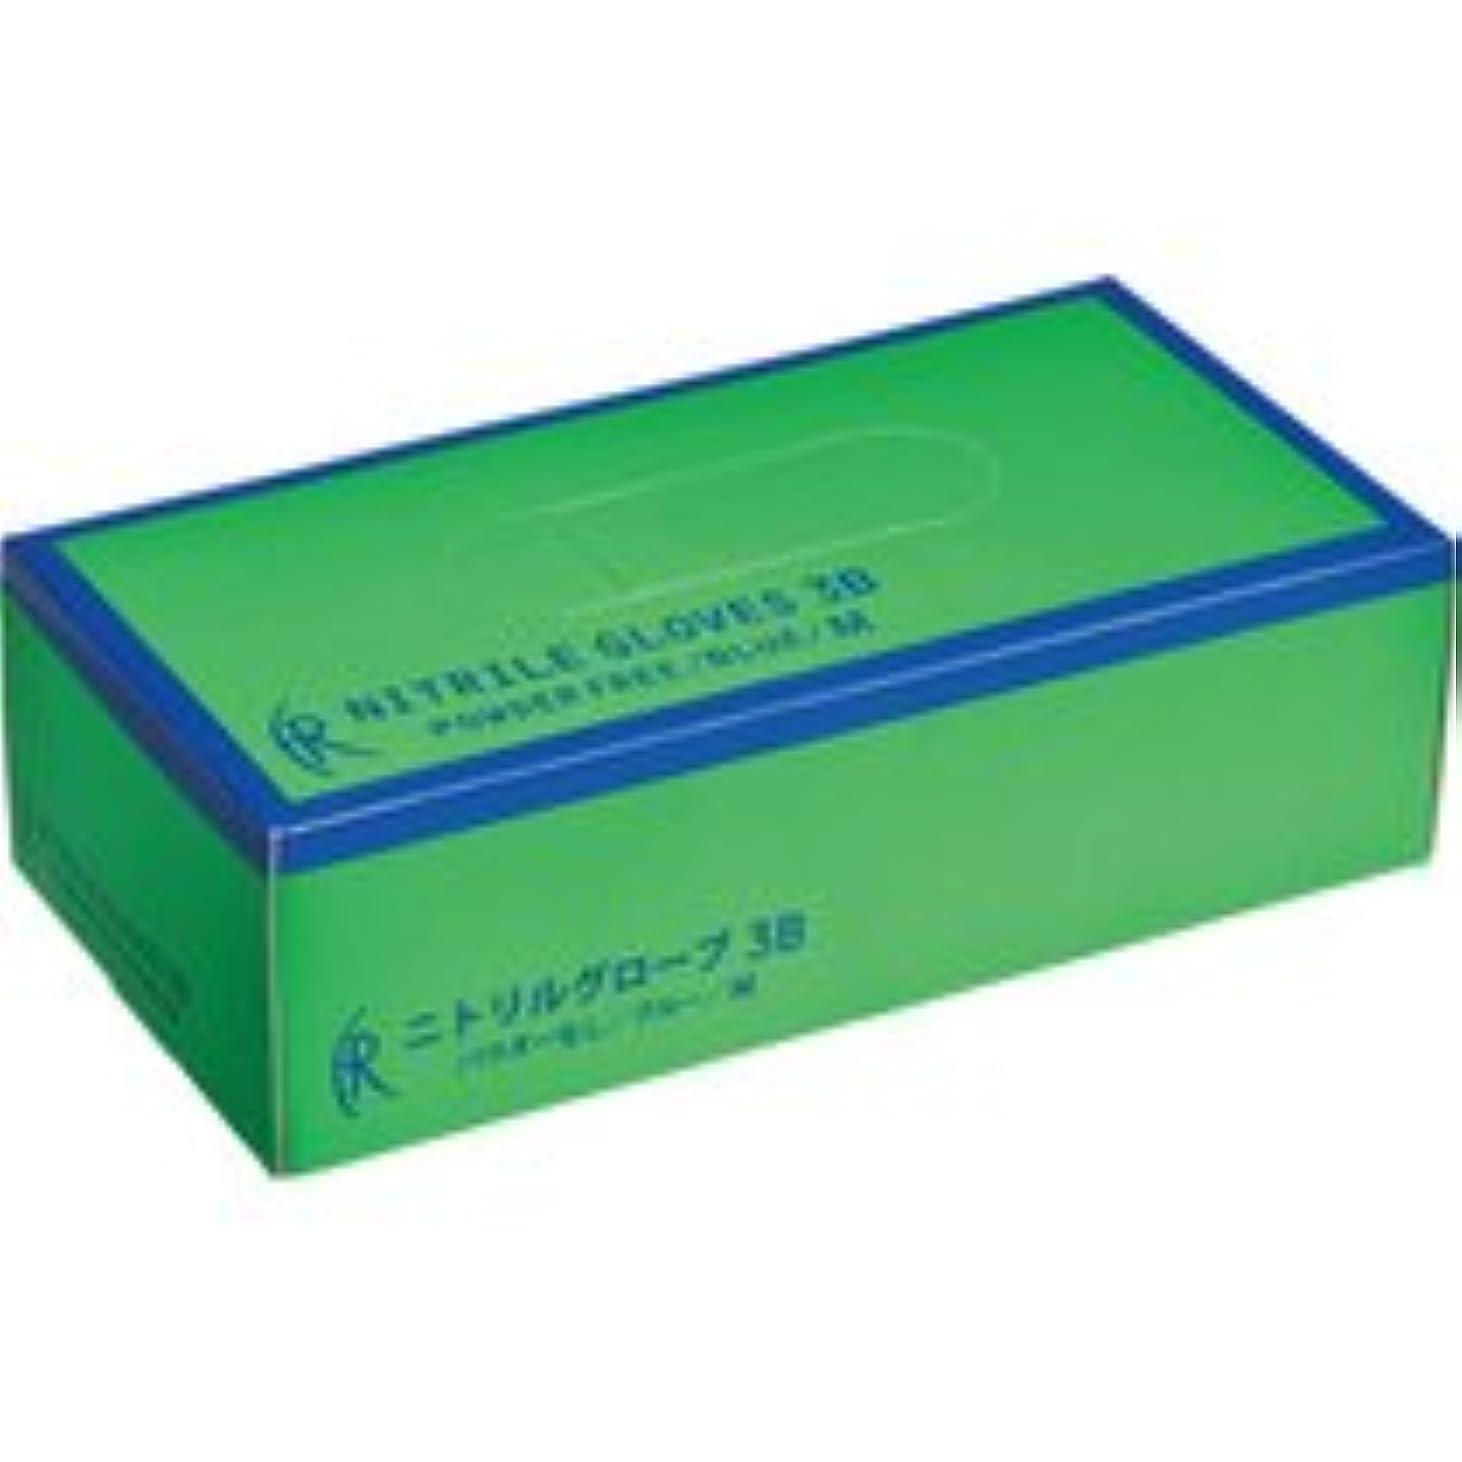 顧問ずんぐりした作物ファーストレイト ニトリルグローブ3B パウダーフリー M FR-5662 1箱(200枚)